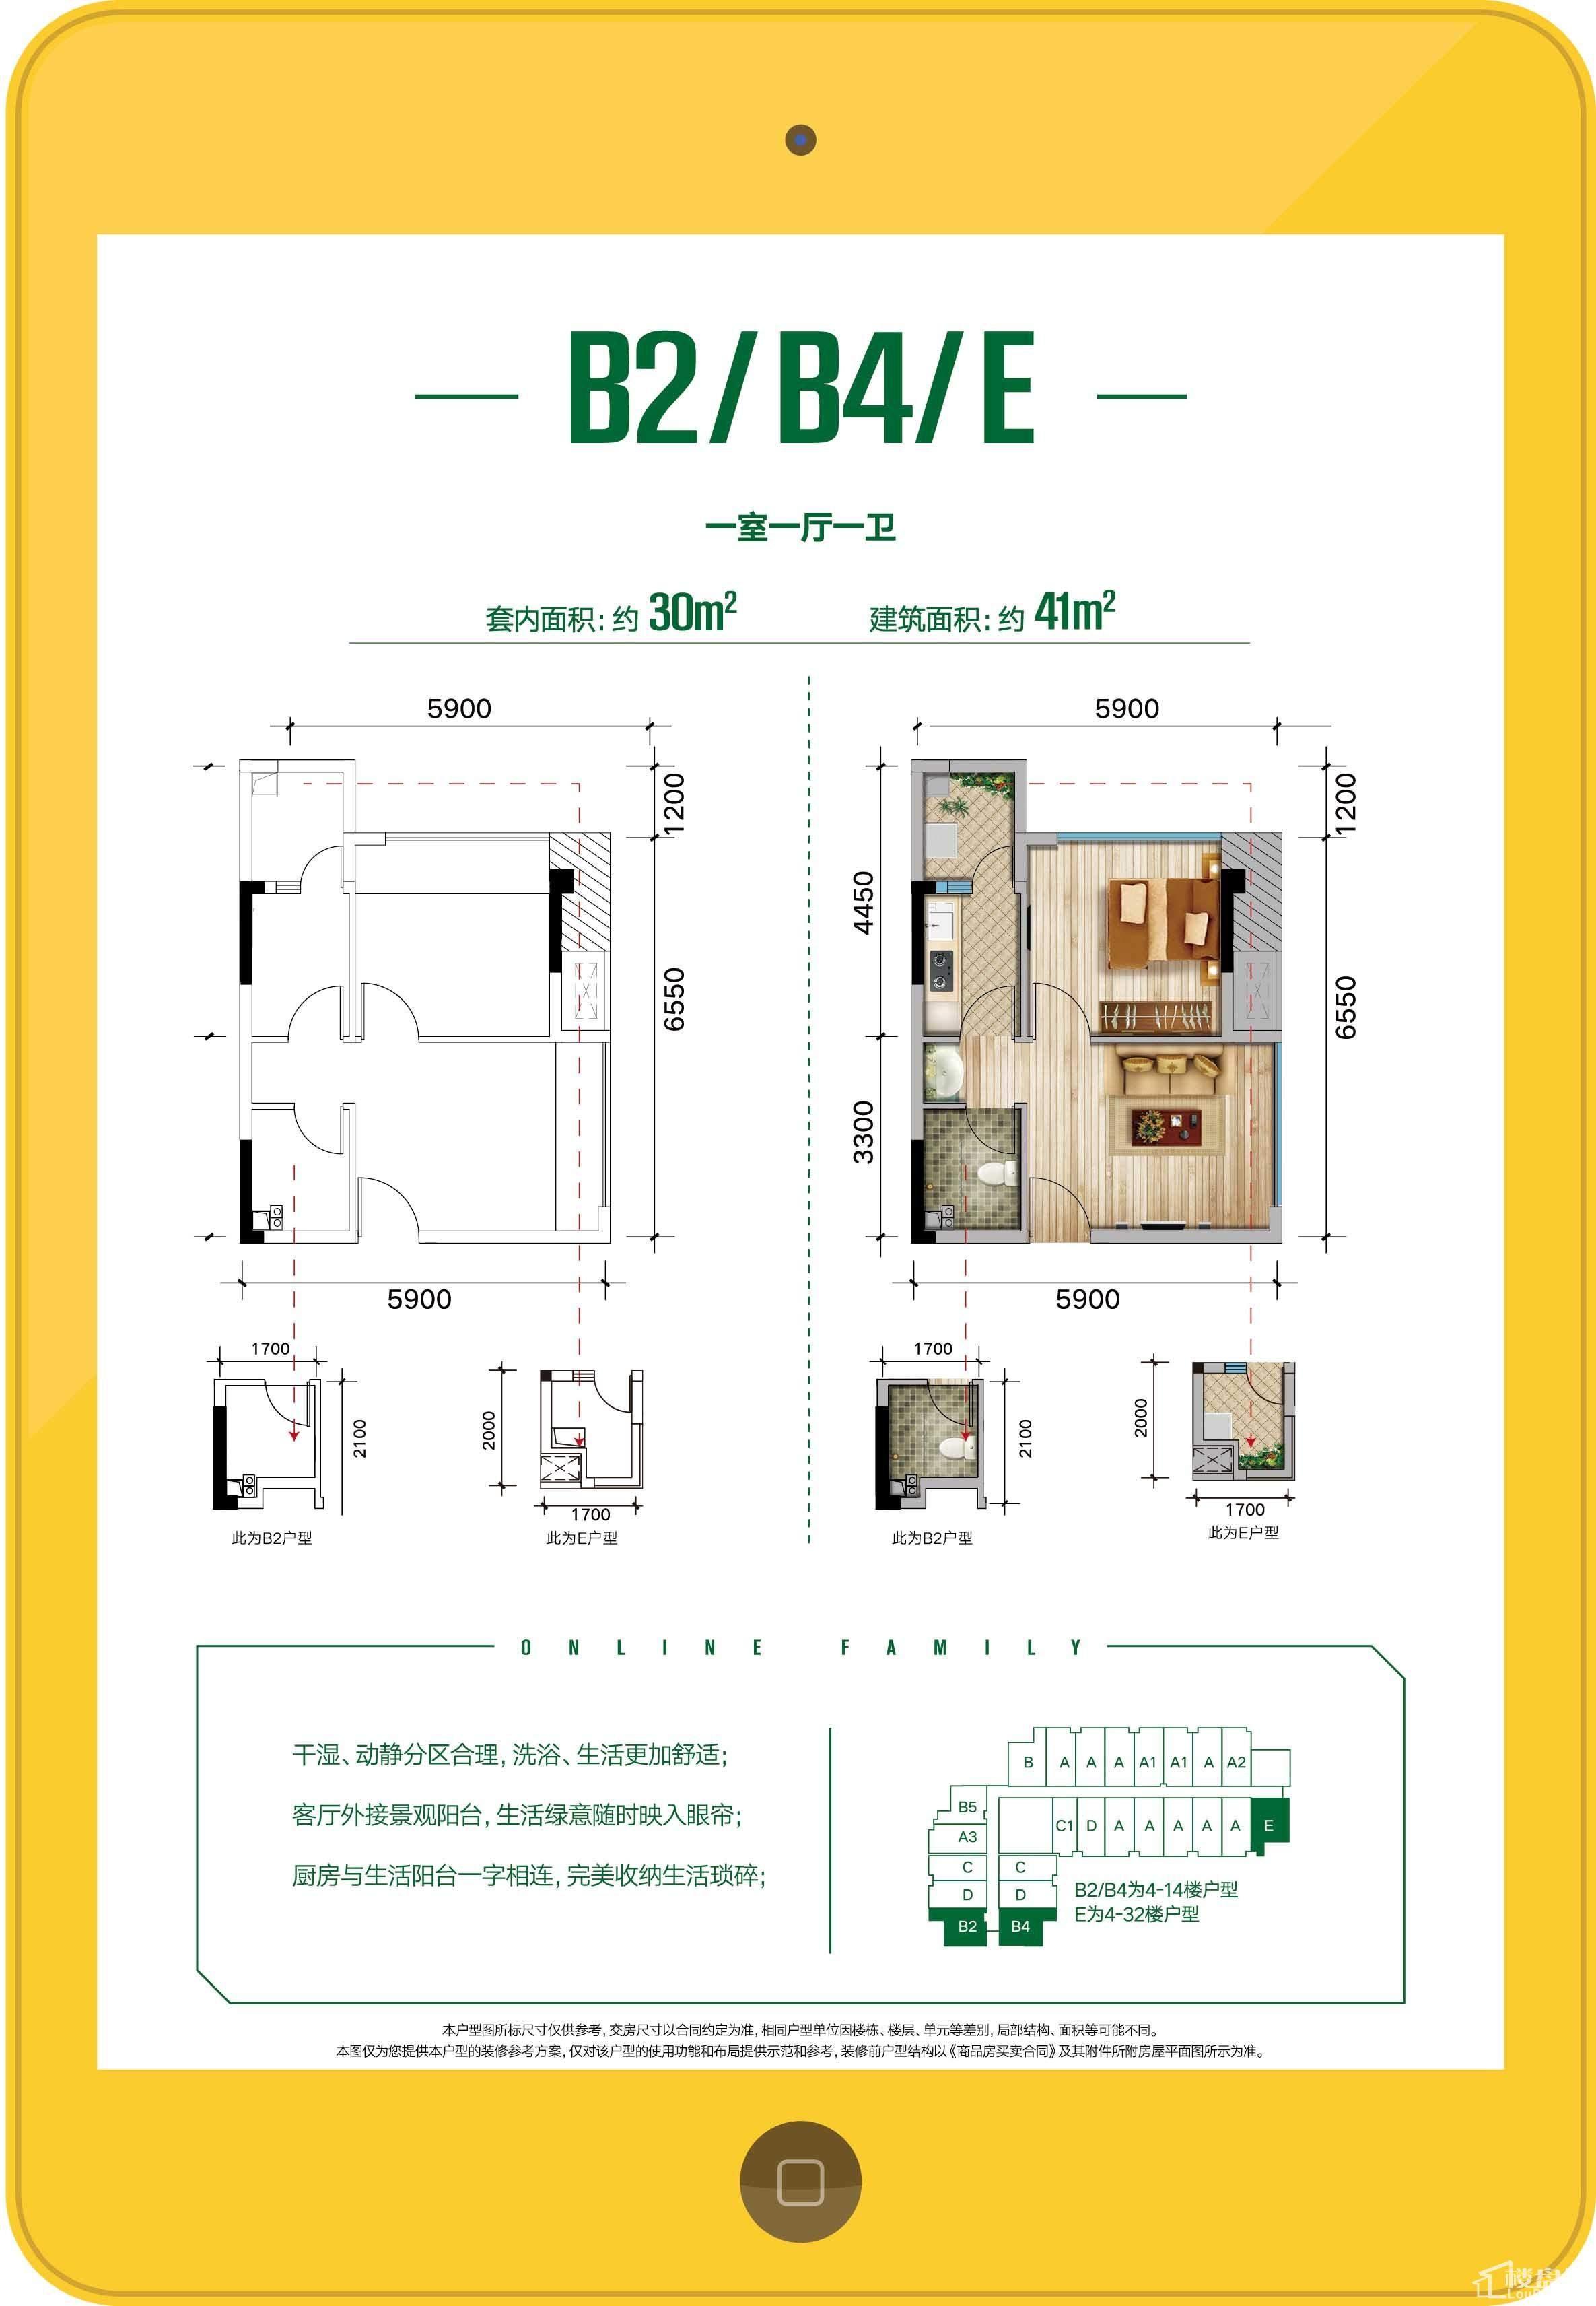 景瑞西联社B2/B4/E户型图